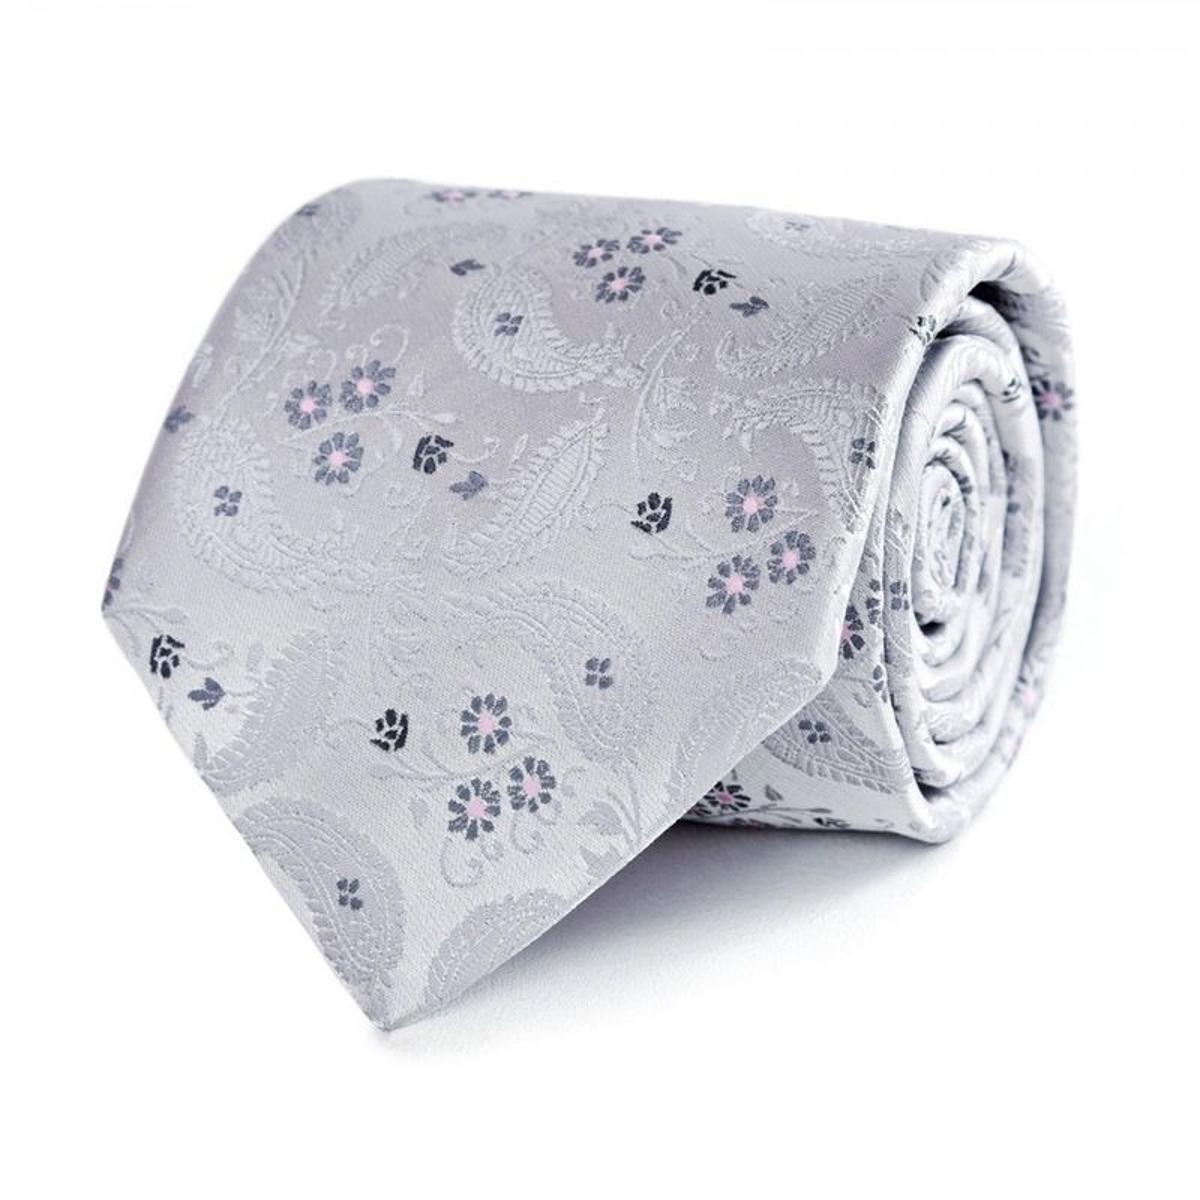 Cravate Ojito - Fabriqué en europe